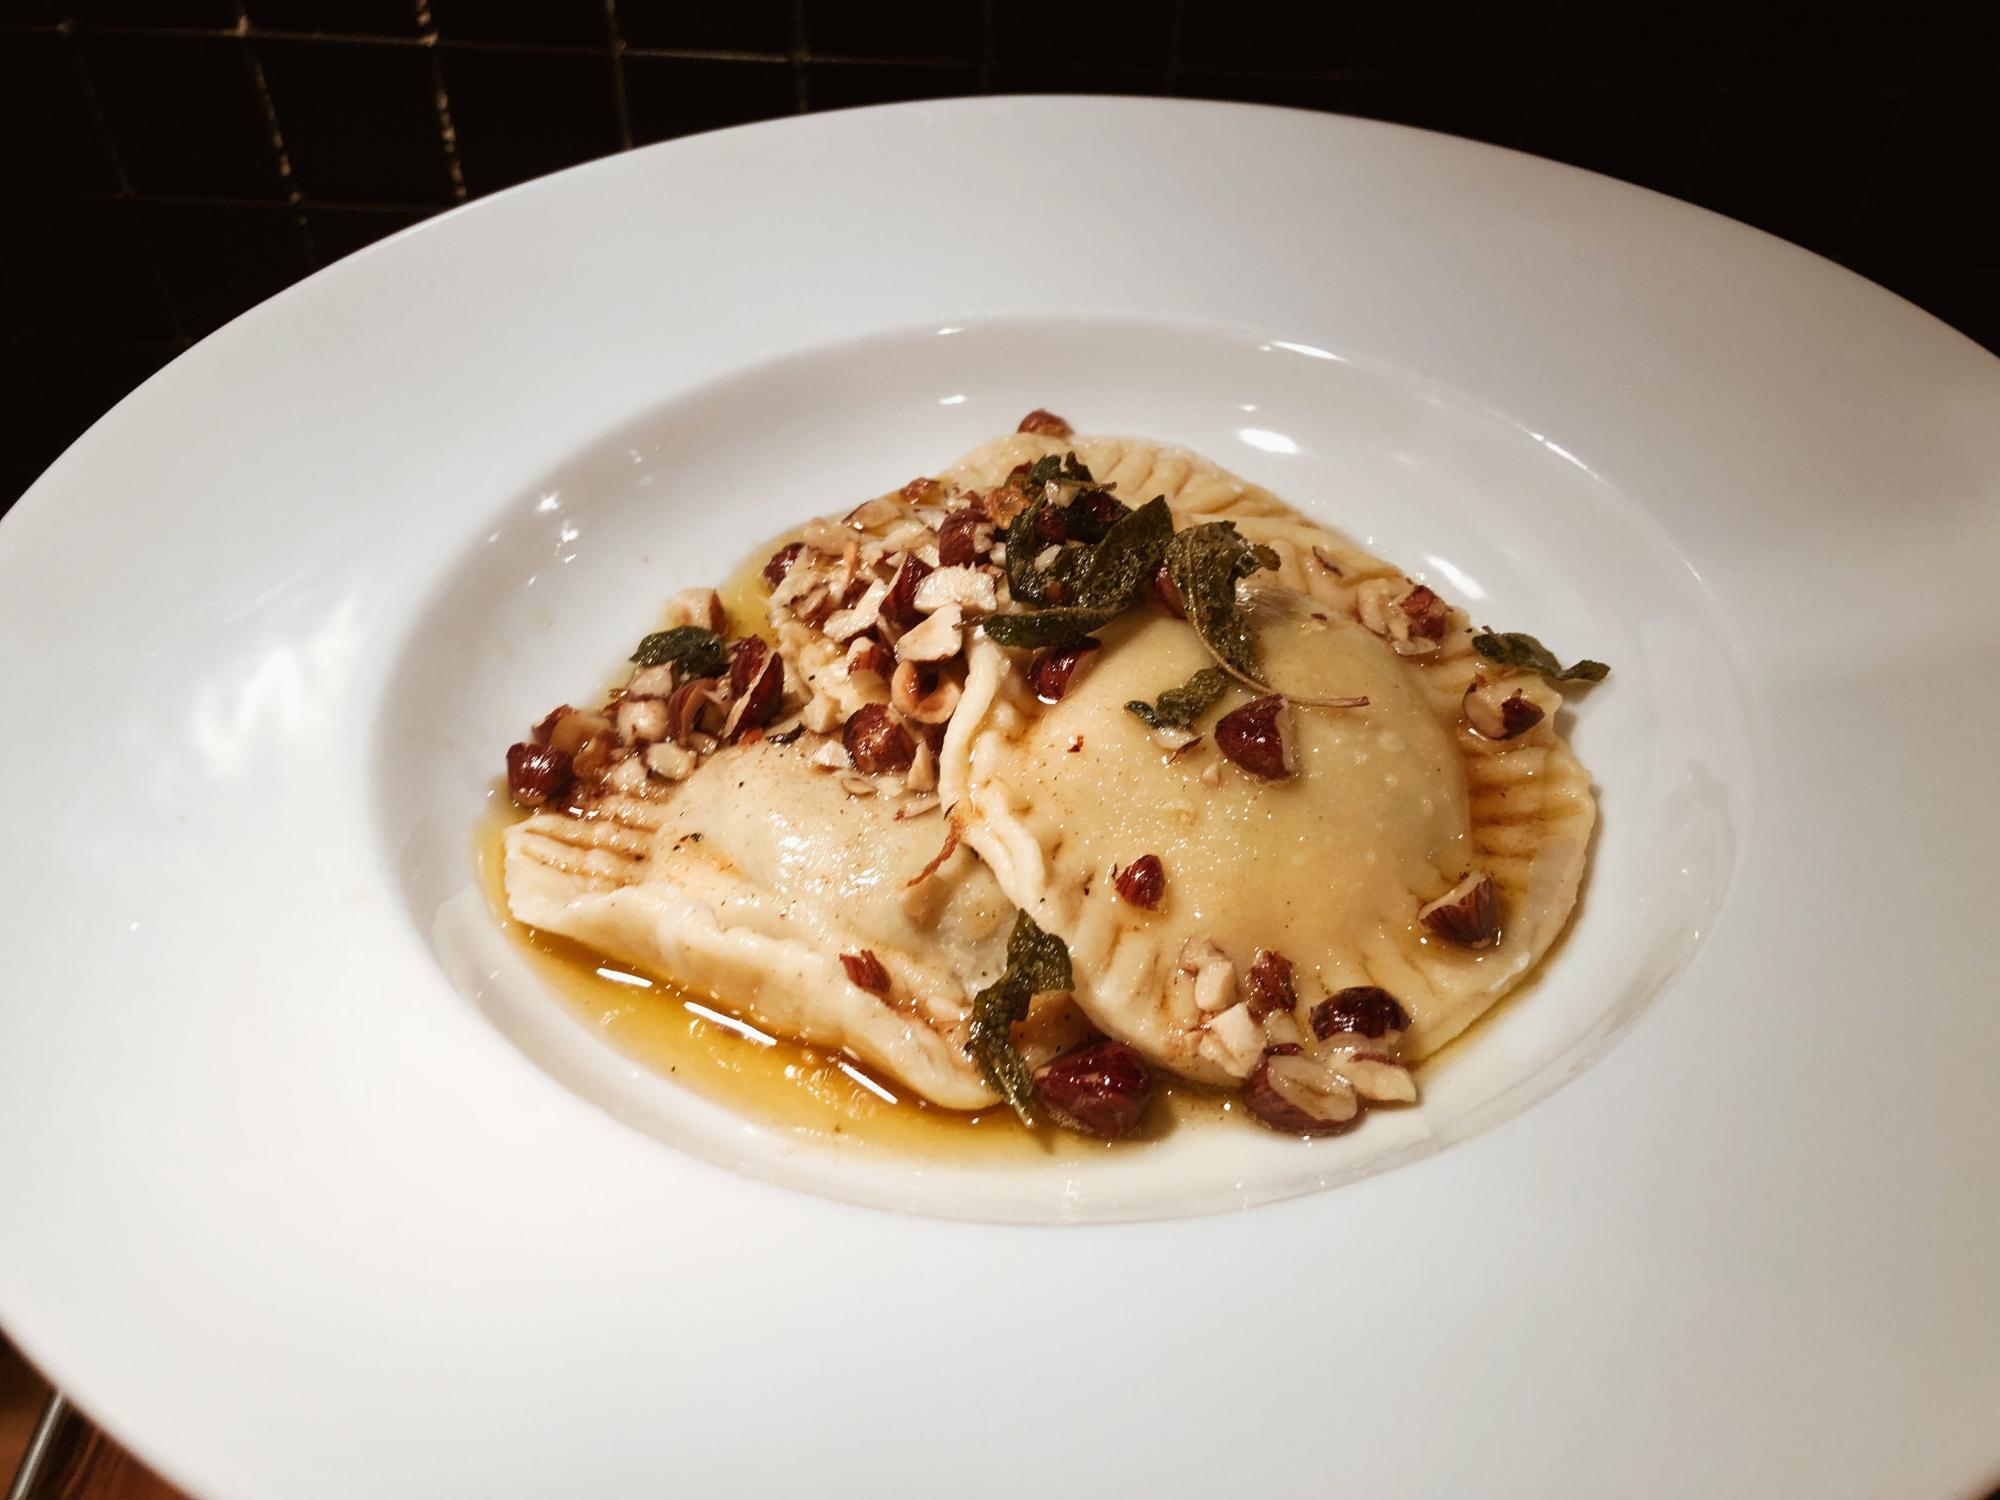 Recept | Tryffelpasta av egen pasta